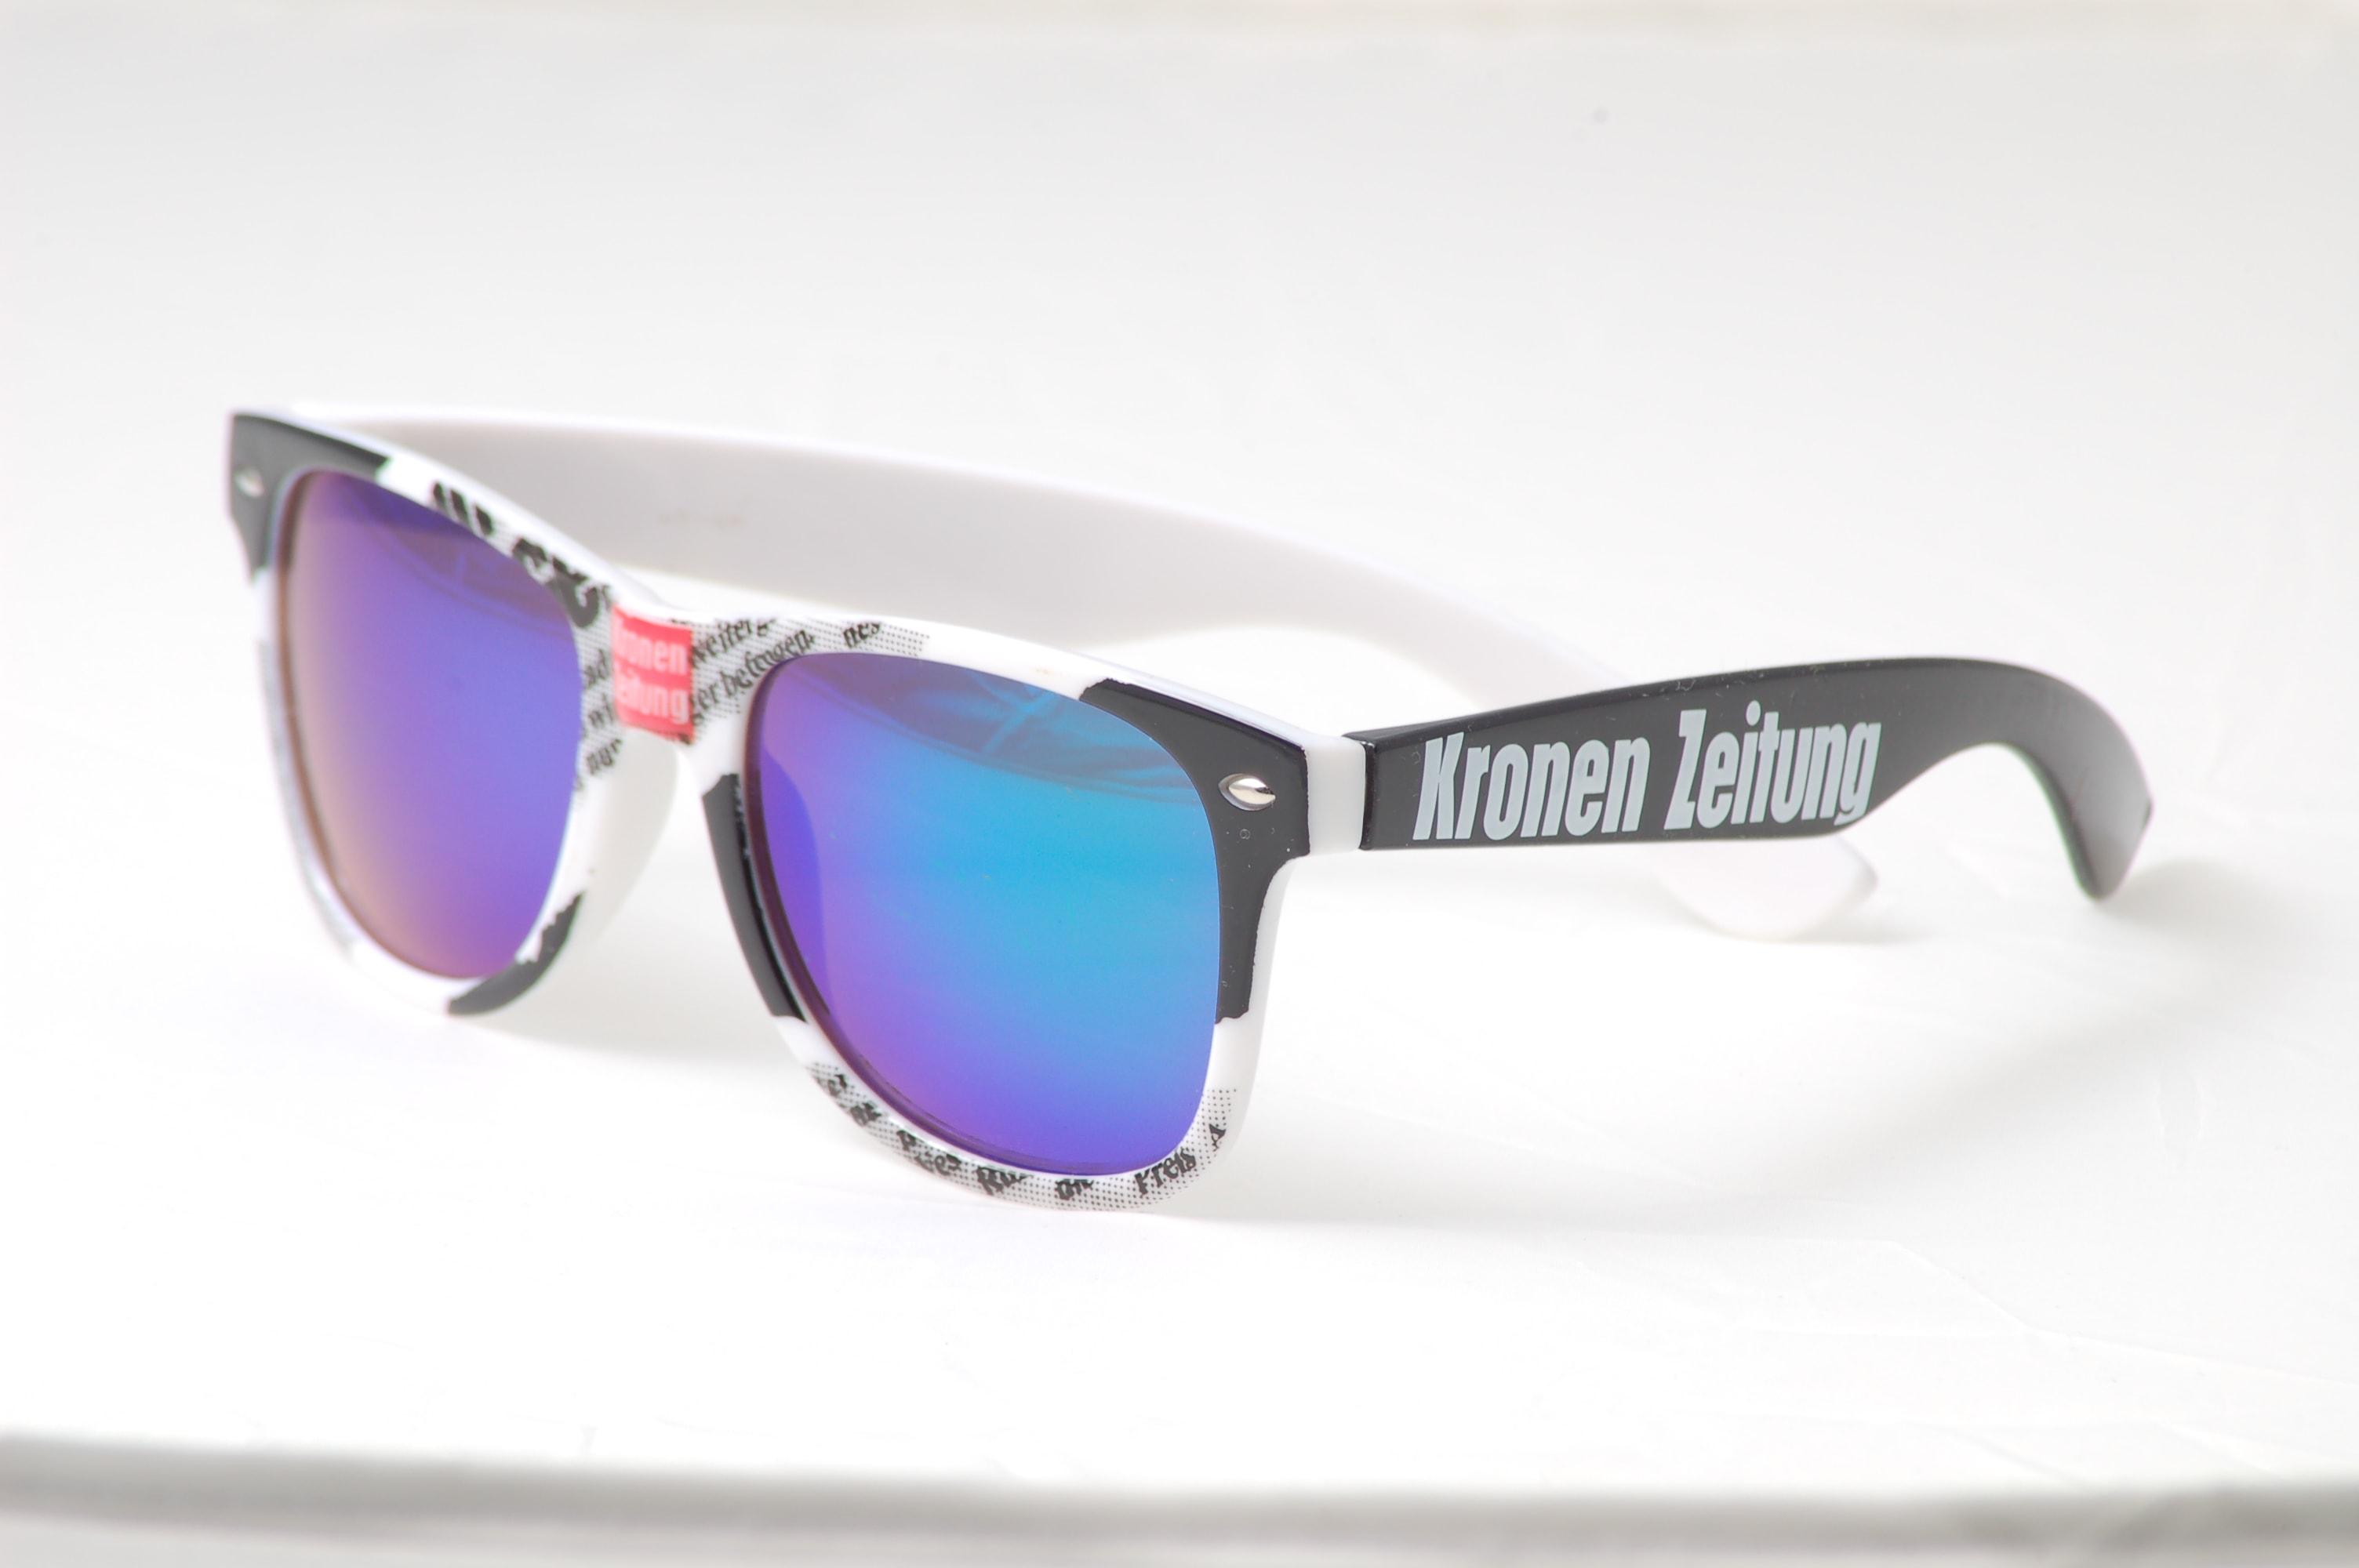 brille selber gestalten brille selber gestalten foto brille mit eigenem bild text eine brille